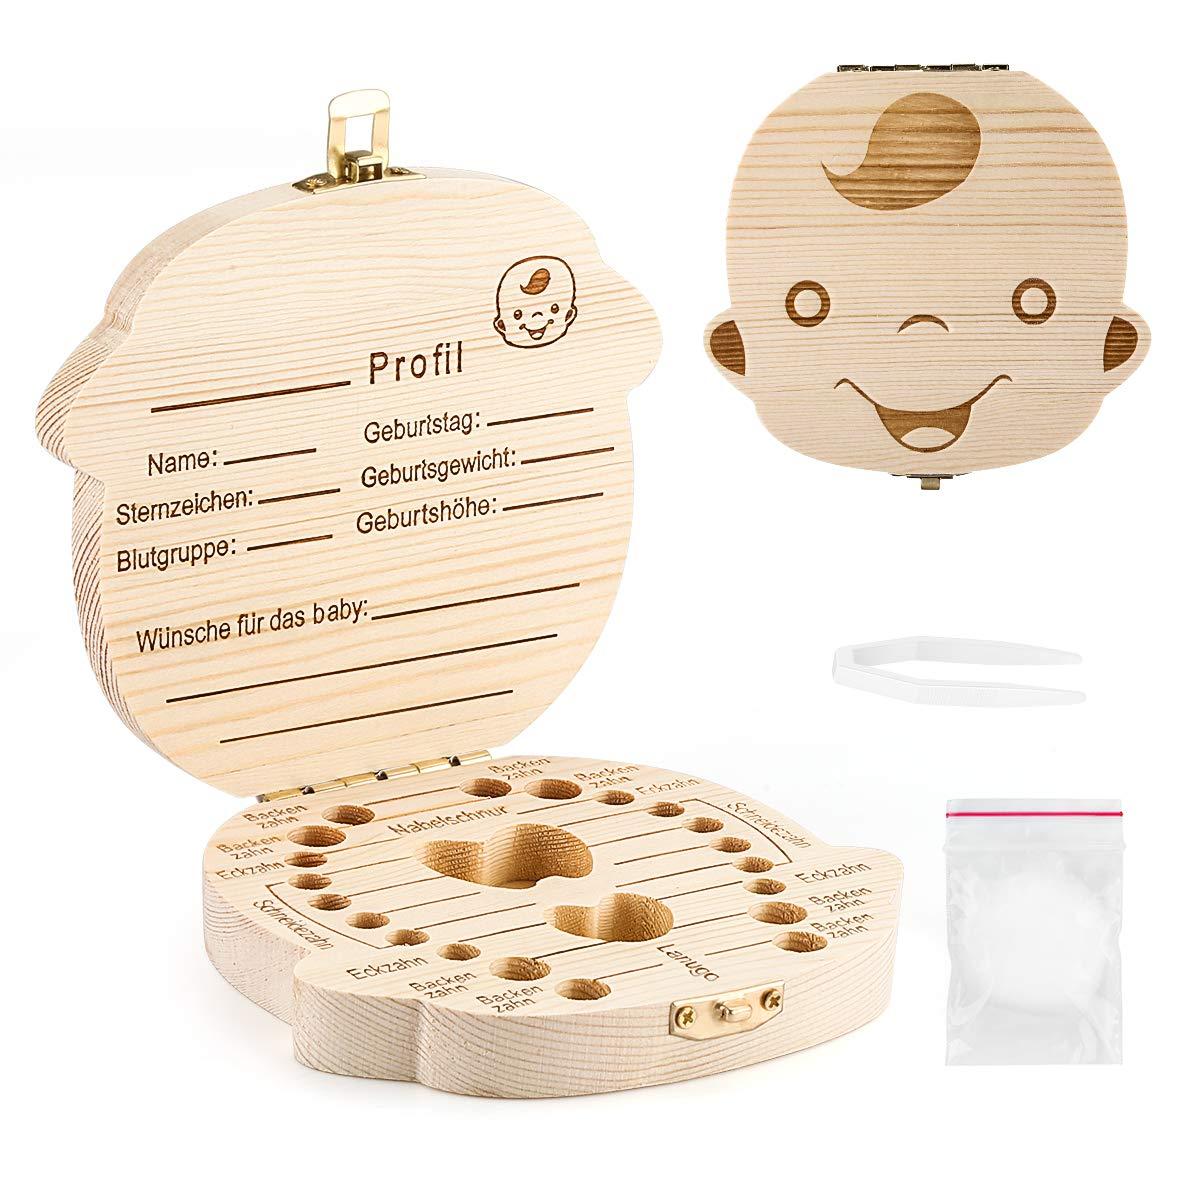 f/ür Jungen /& M/ädchen Die Zahnbox hat einen Deckel mit Schraubverschluss Meine Milchz/ähne Milchzahndose aus Holz perfekt als kleines Geschenk /· Zahnfee deutch